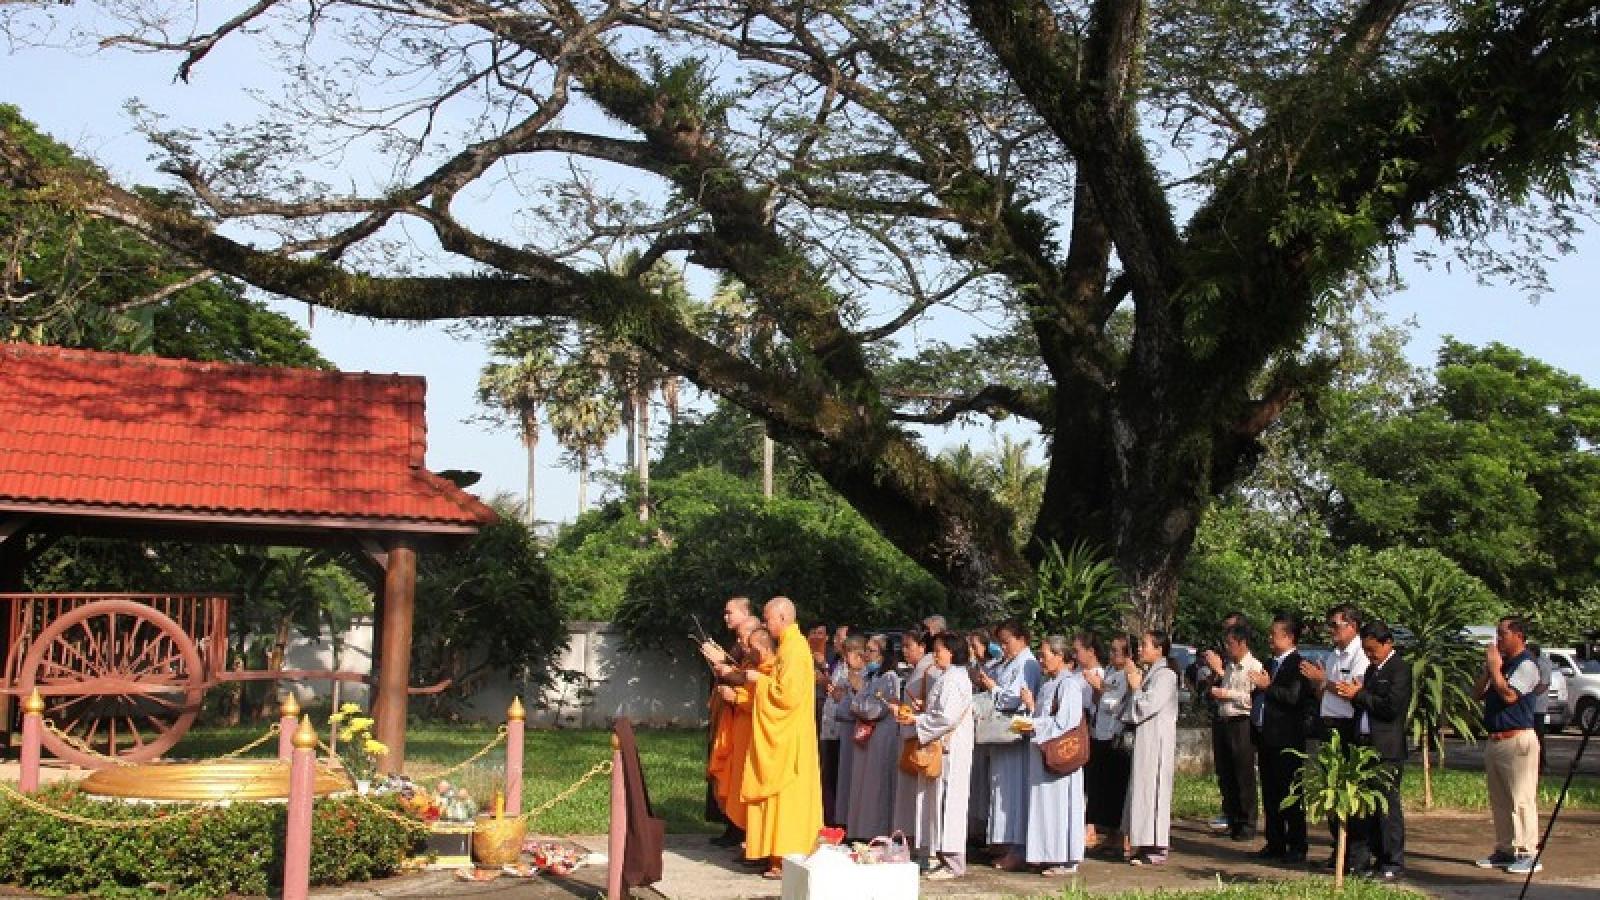 Lào tổ chức lễ tưởng niệm tại Khu di tích Liên minh chiến đấu Lào-Việt